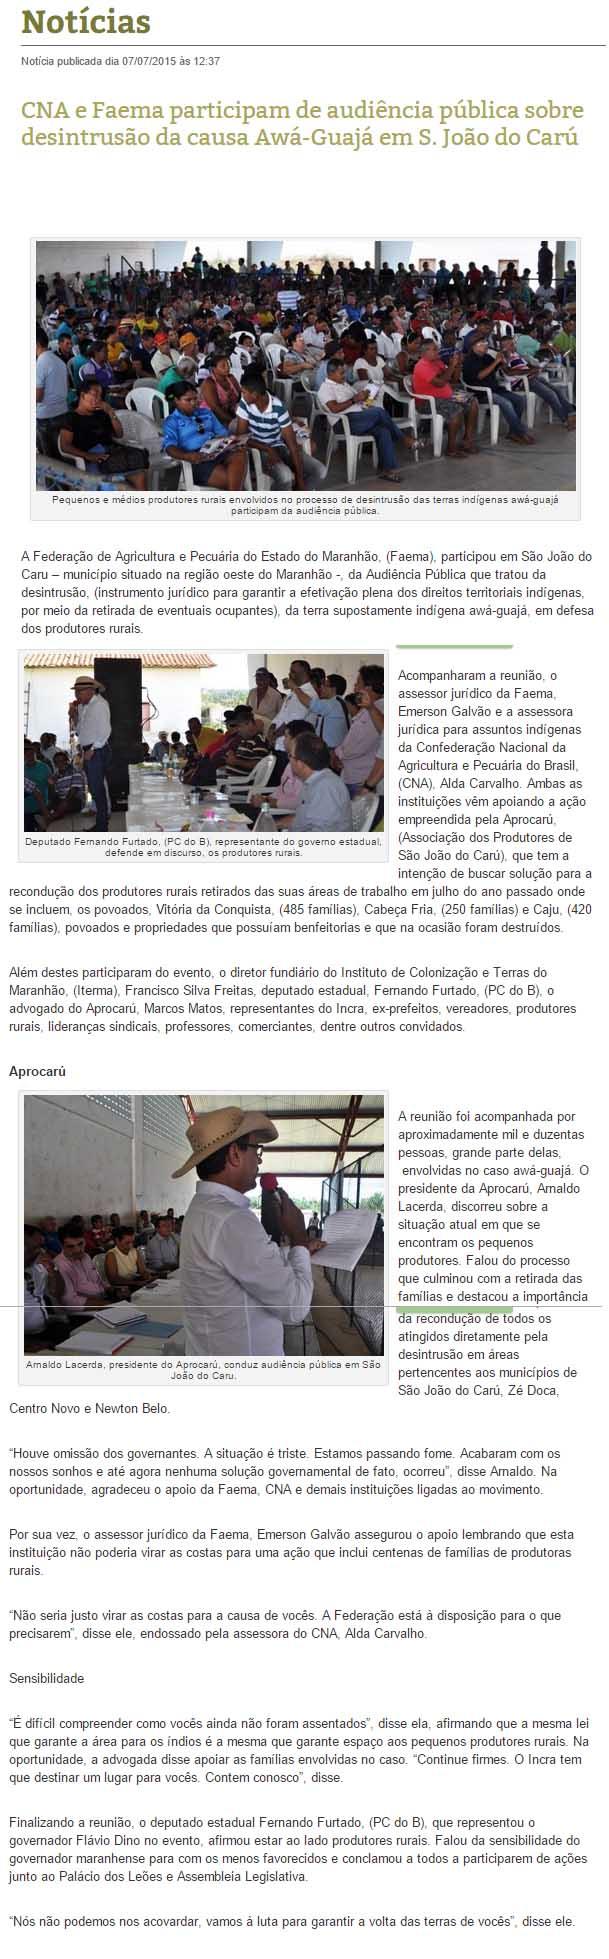 Print da íntegra da matéria que o auxiliar de Flávio Dino mandou excluir da página da Faema/Senar